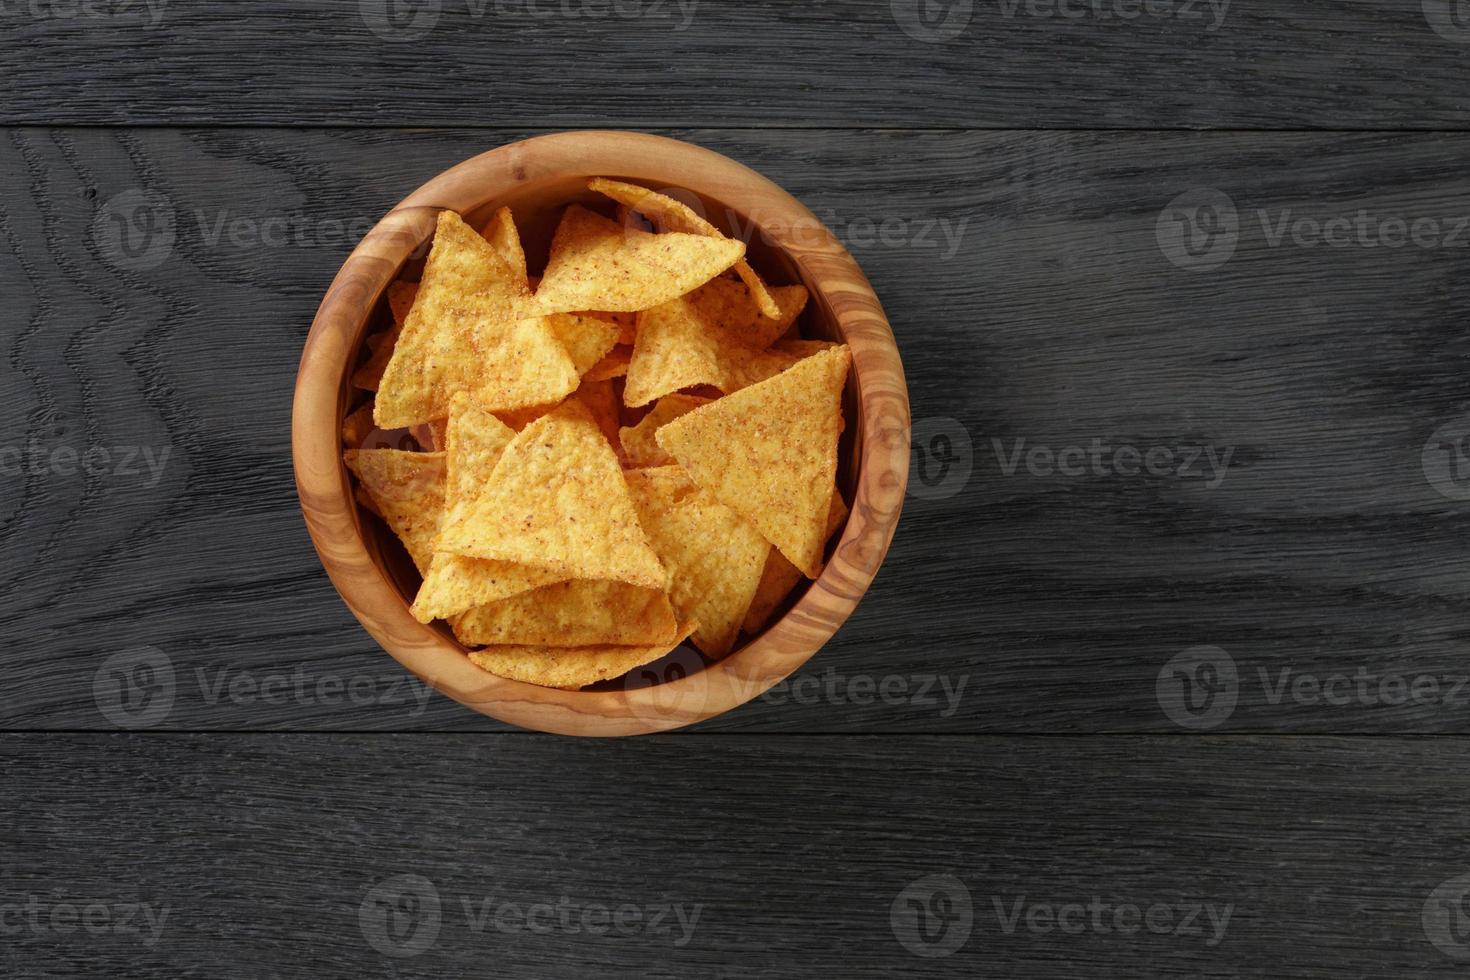 croustilles de tortilla dans un bol en bois d'olivier sur table en bois photo